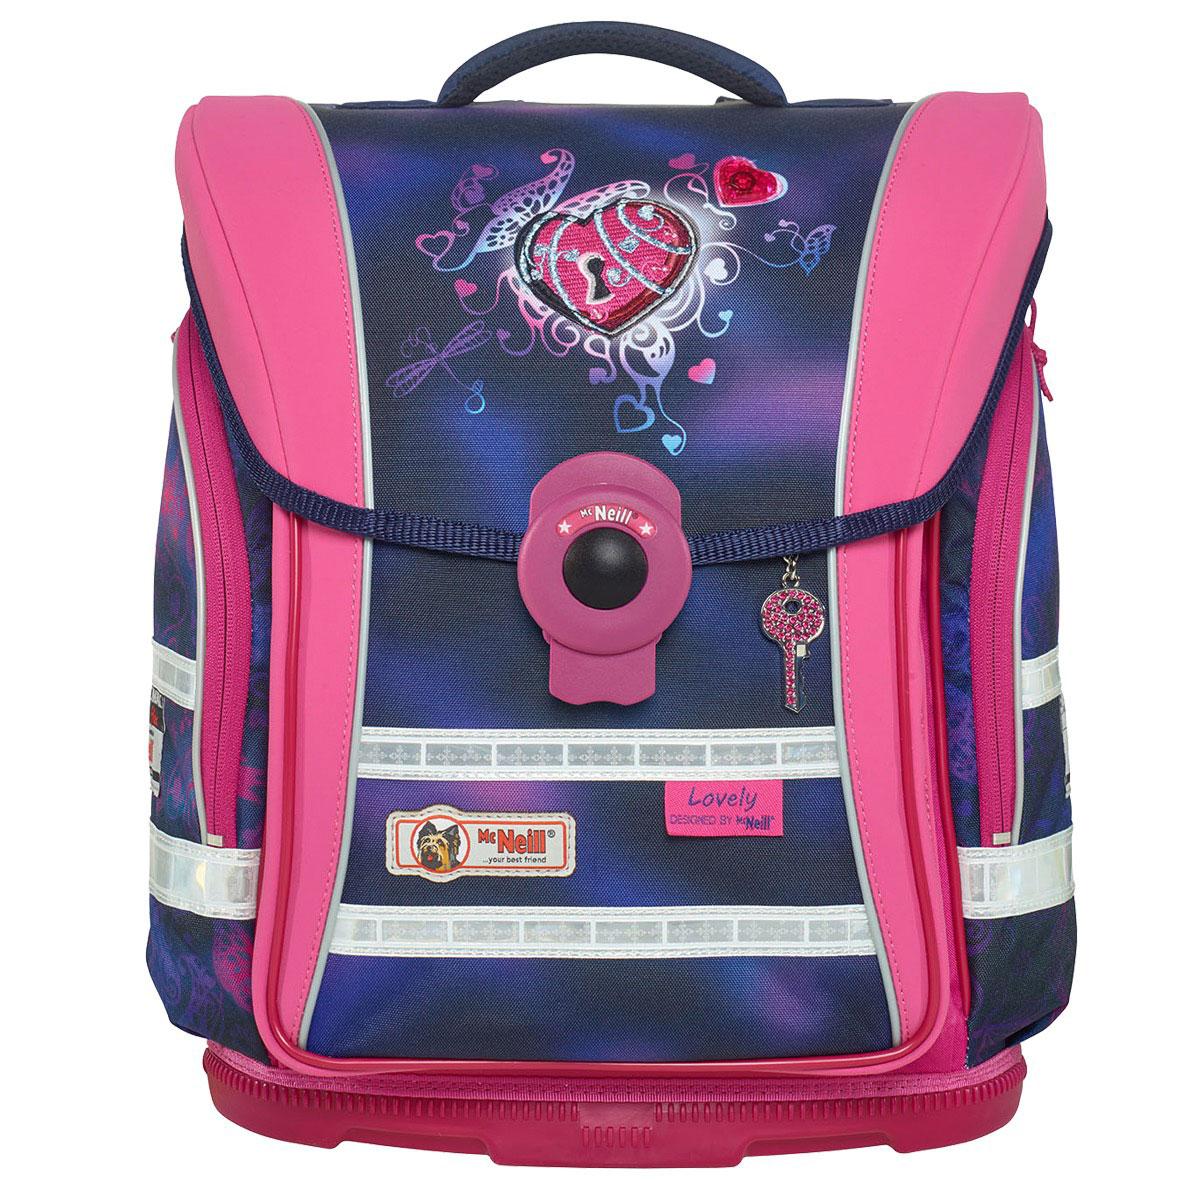 McNeill-Schulranzen-ERGO-Light-COMPACT-flex-9604162000-pink-lila-herz